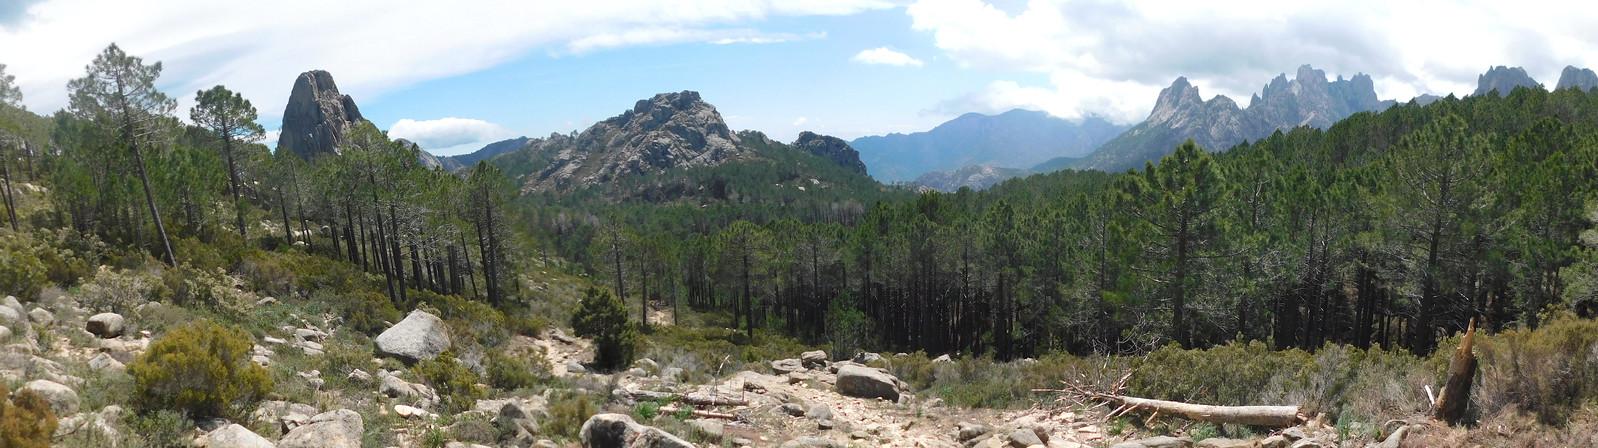 Sur le GR20 : en vue de l'Anima Damnata et du fond de vallée Frassiccia (photo Olivier Hespel)